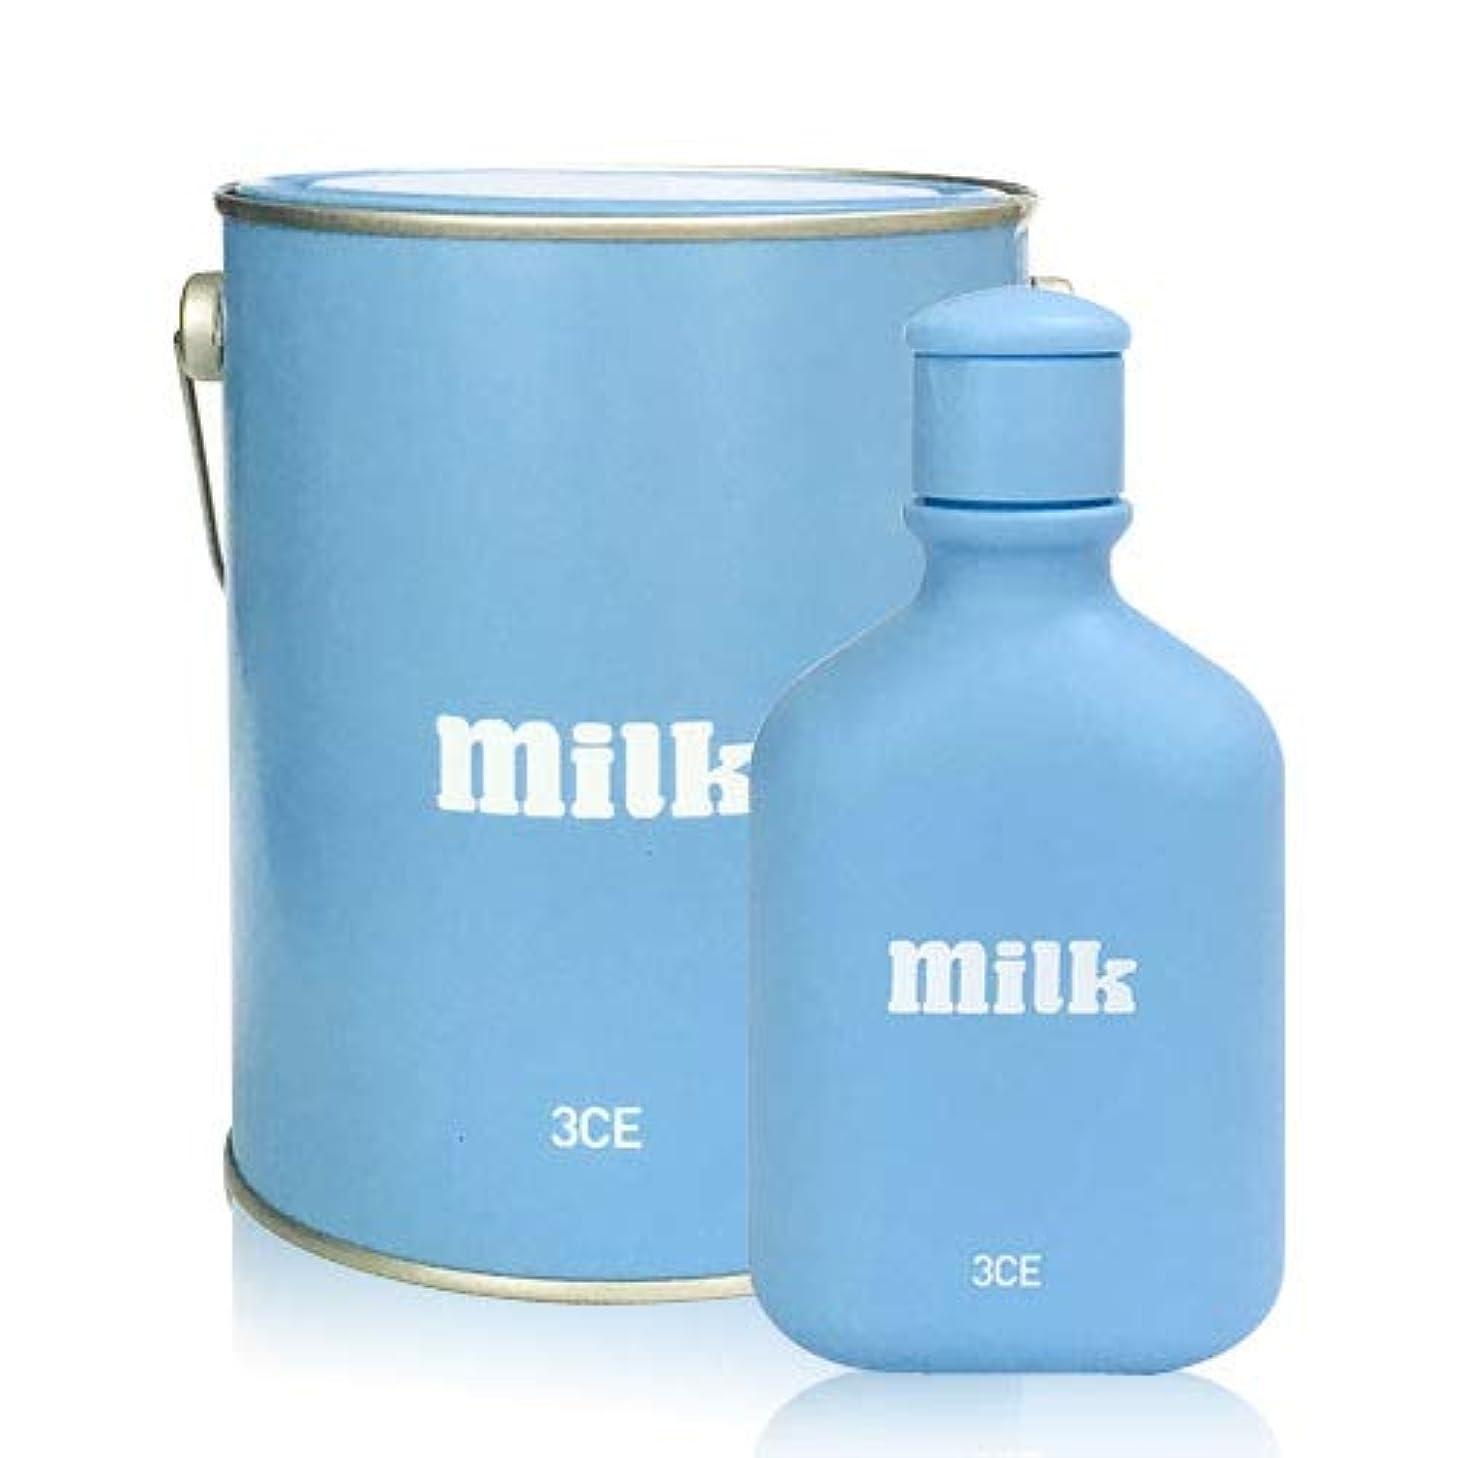 若者ぼかし機構3CE WHITE MILK LOTION ホワイトミルクローション 150g [並行輸入品]